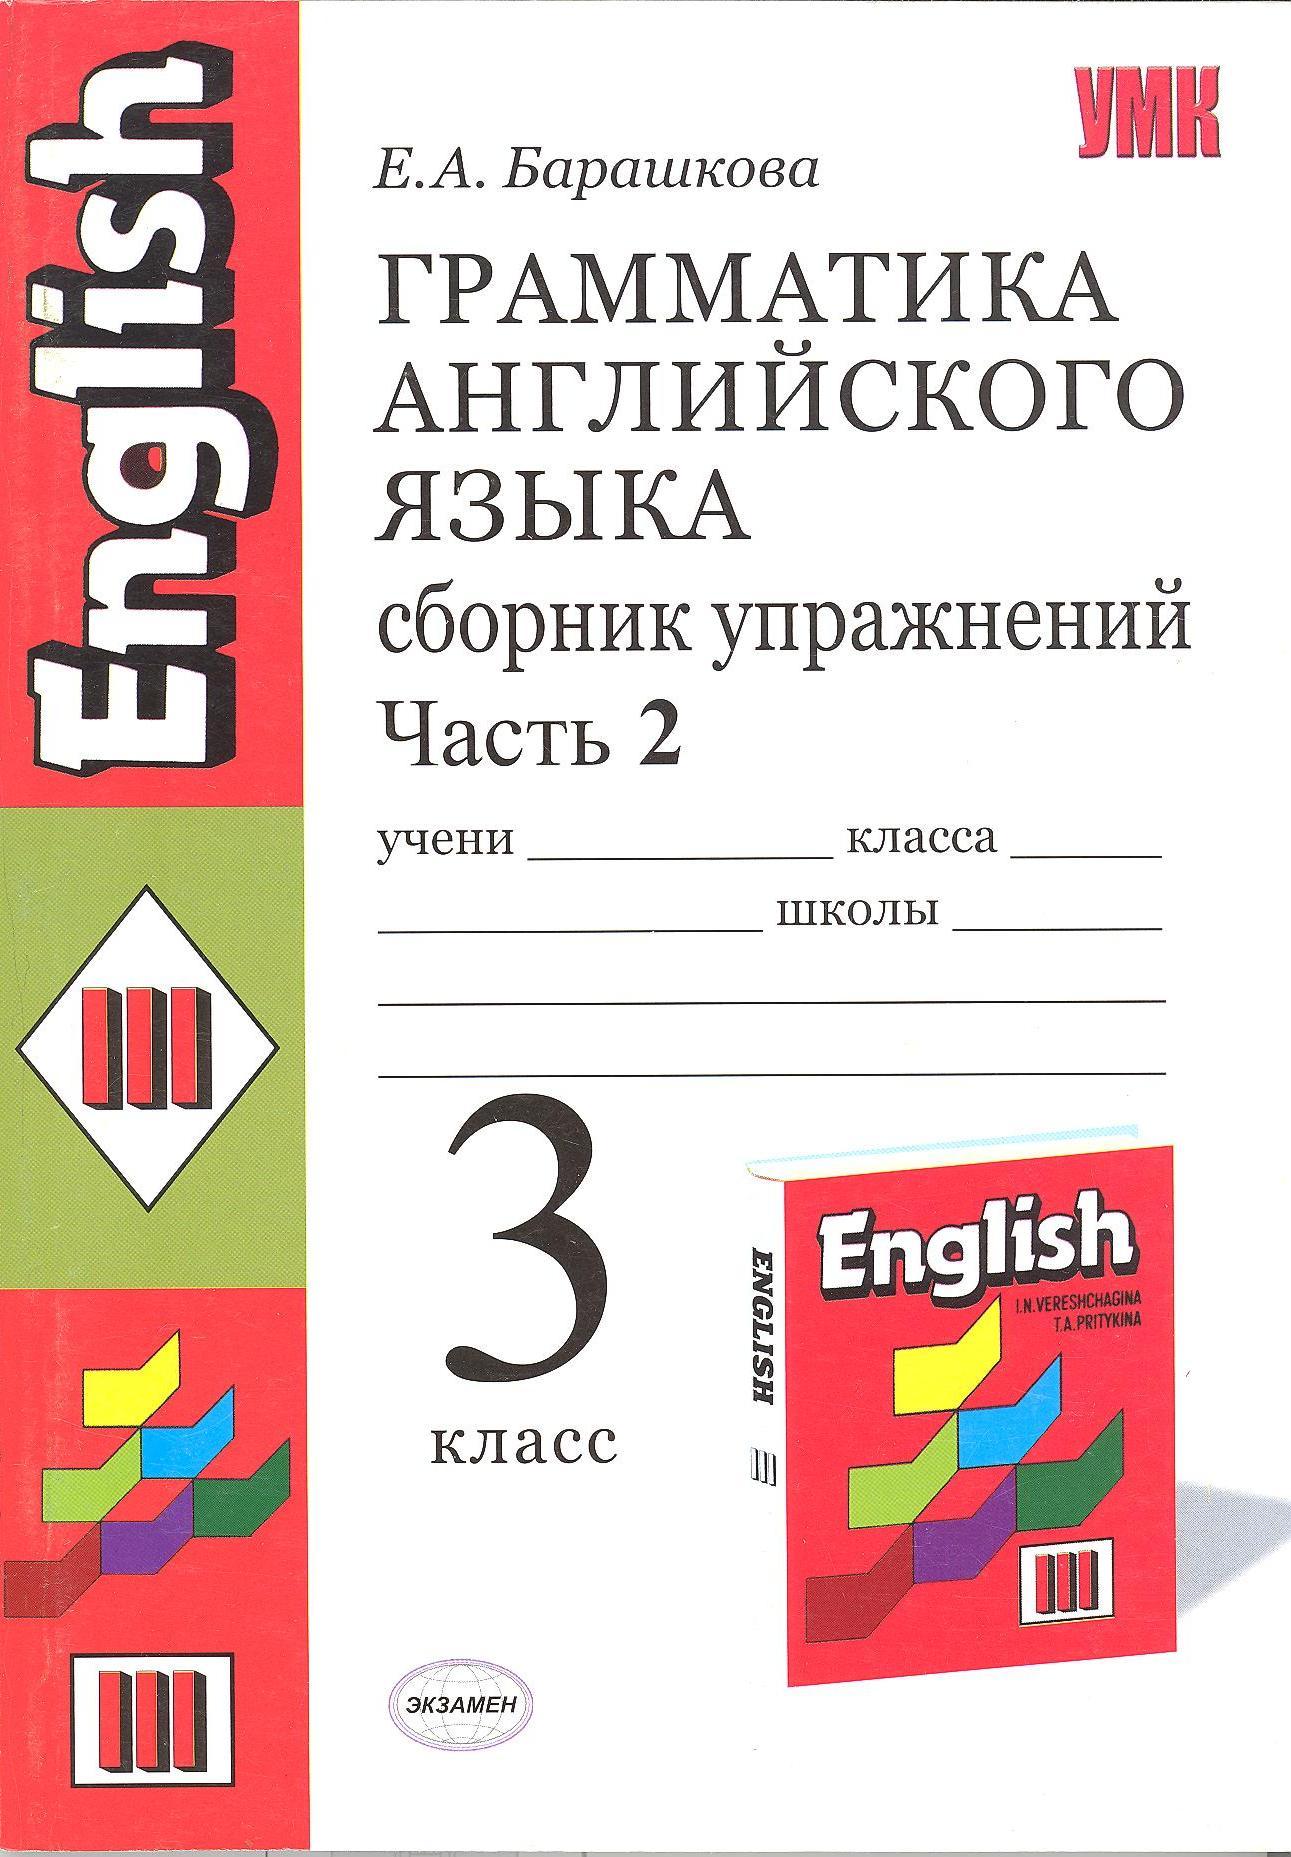 Гдз по грамматике английского языка сборник упражнений барашкова 5.